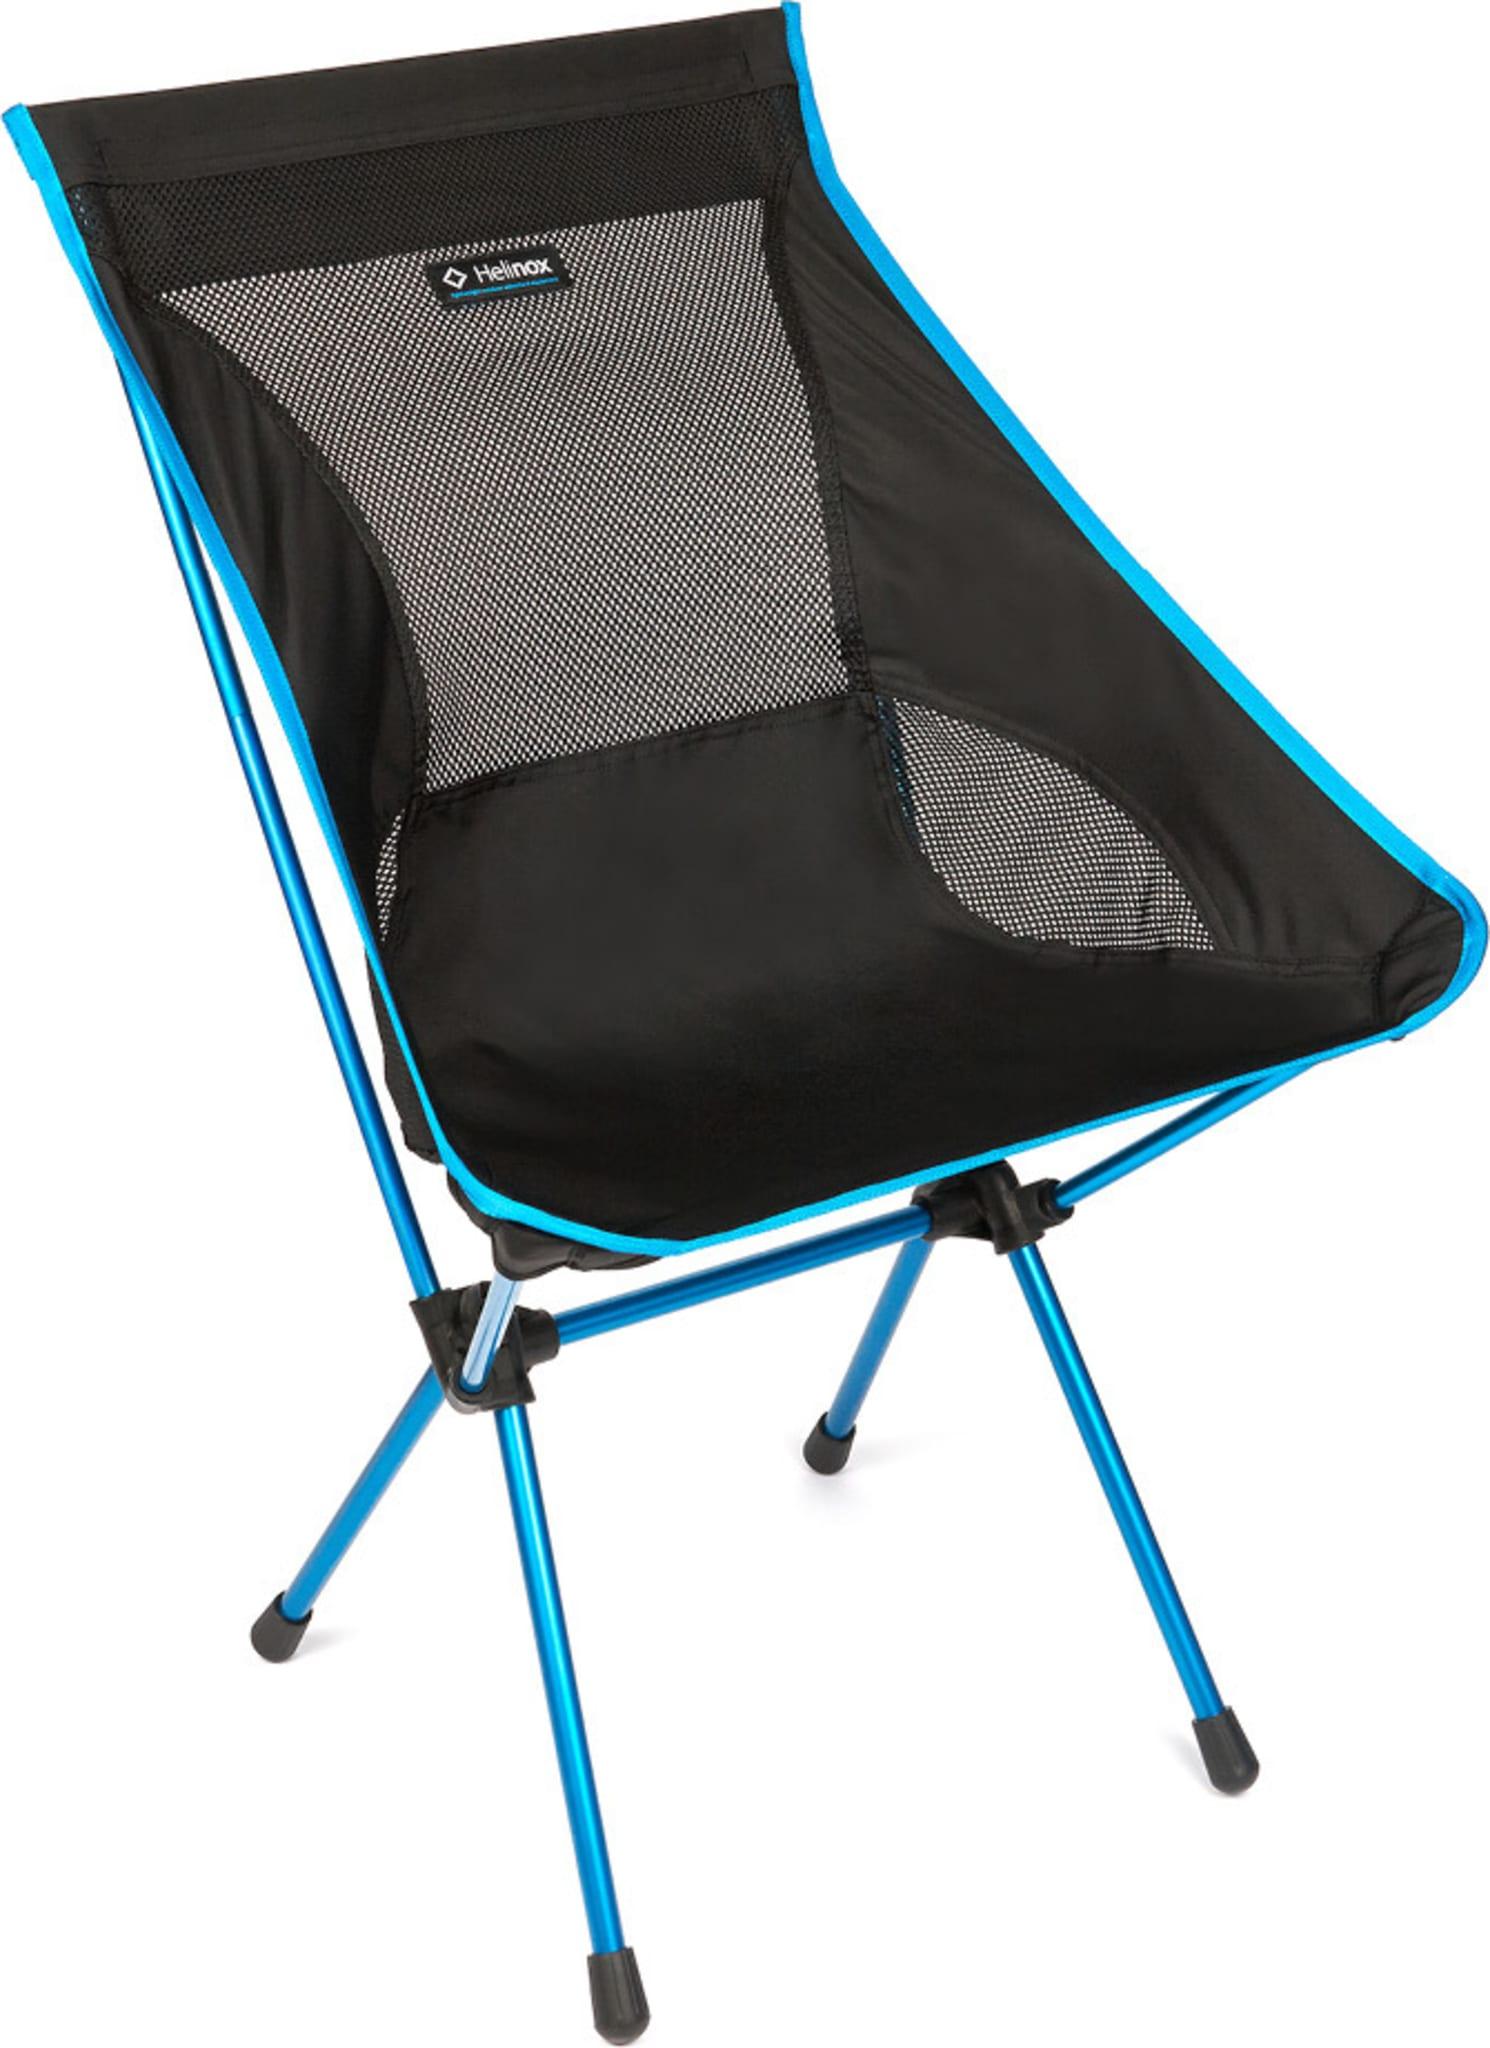 Svært komfortabel campingstol på tross av lav vekt